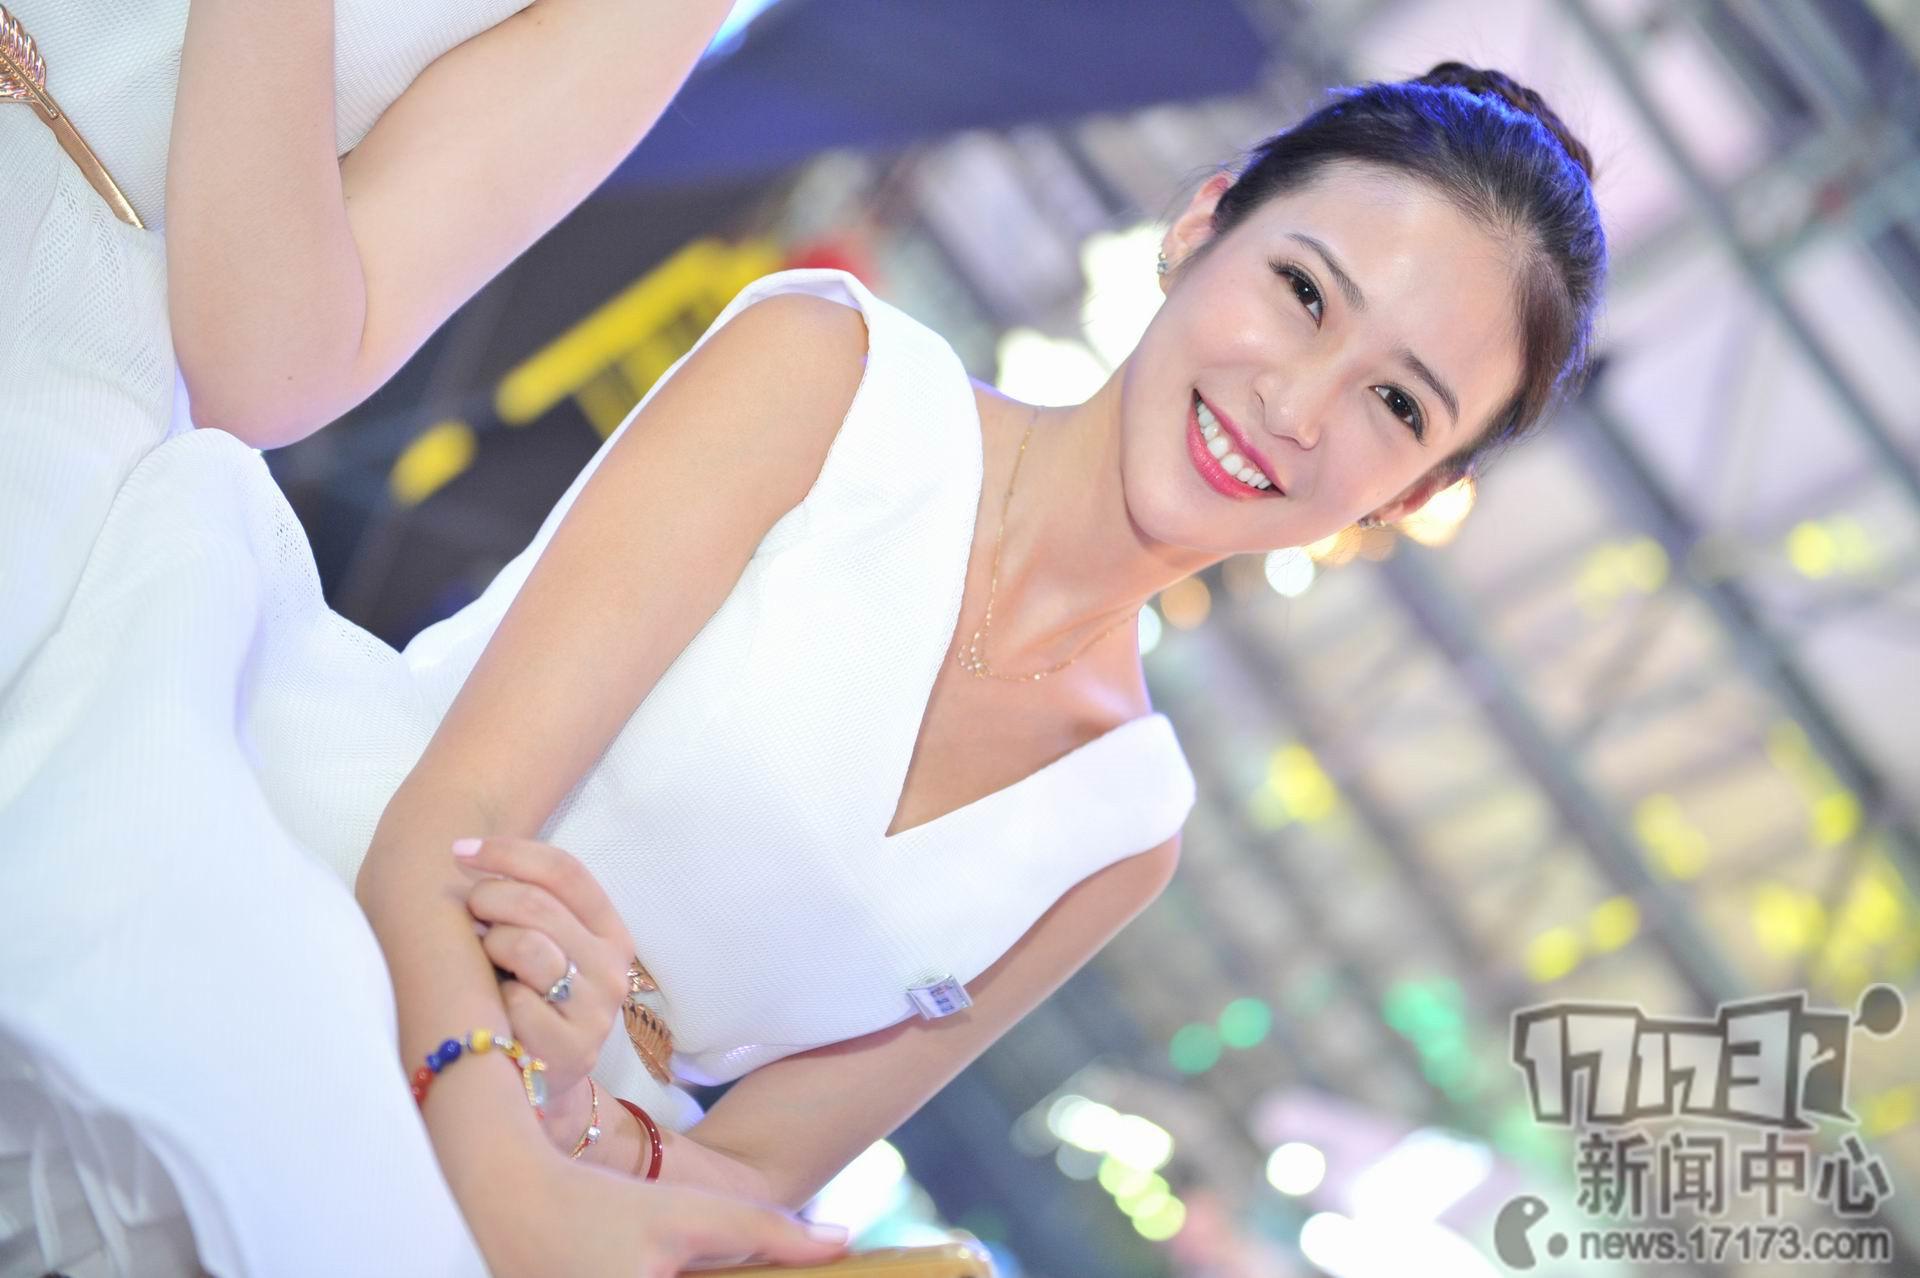 Chiêm ngưỡng loạt showgirl cực quyến rũ tại ChinaJoy 2016 - Ảnh _41